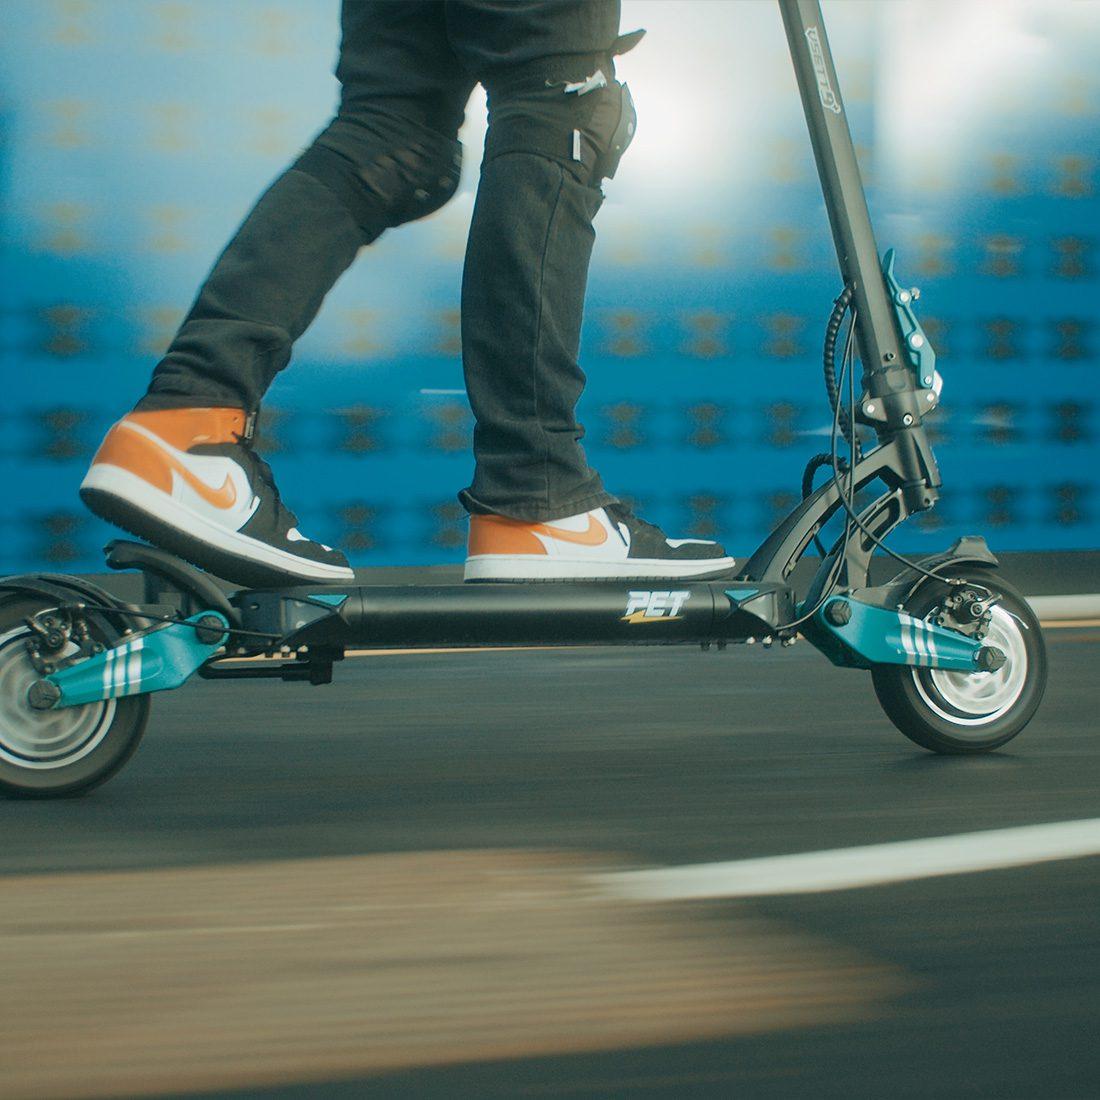 Vsett 9+ electric scooter